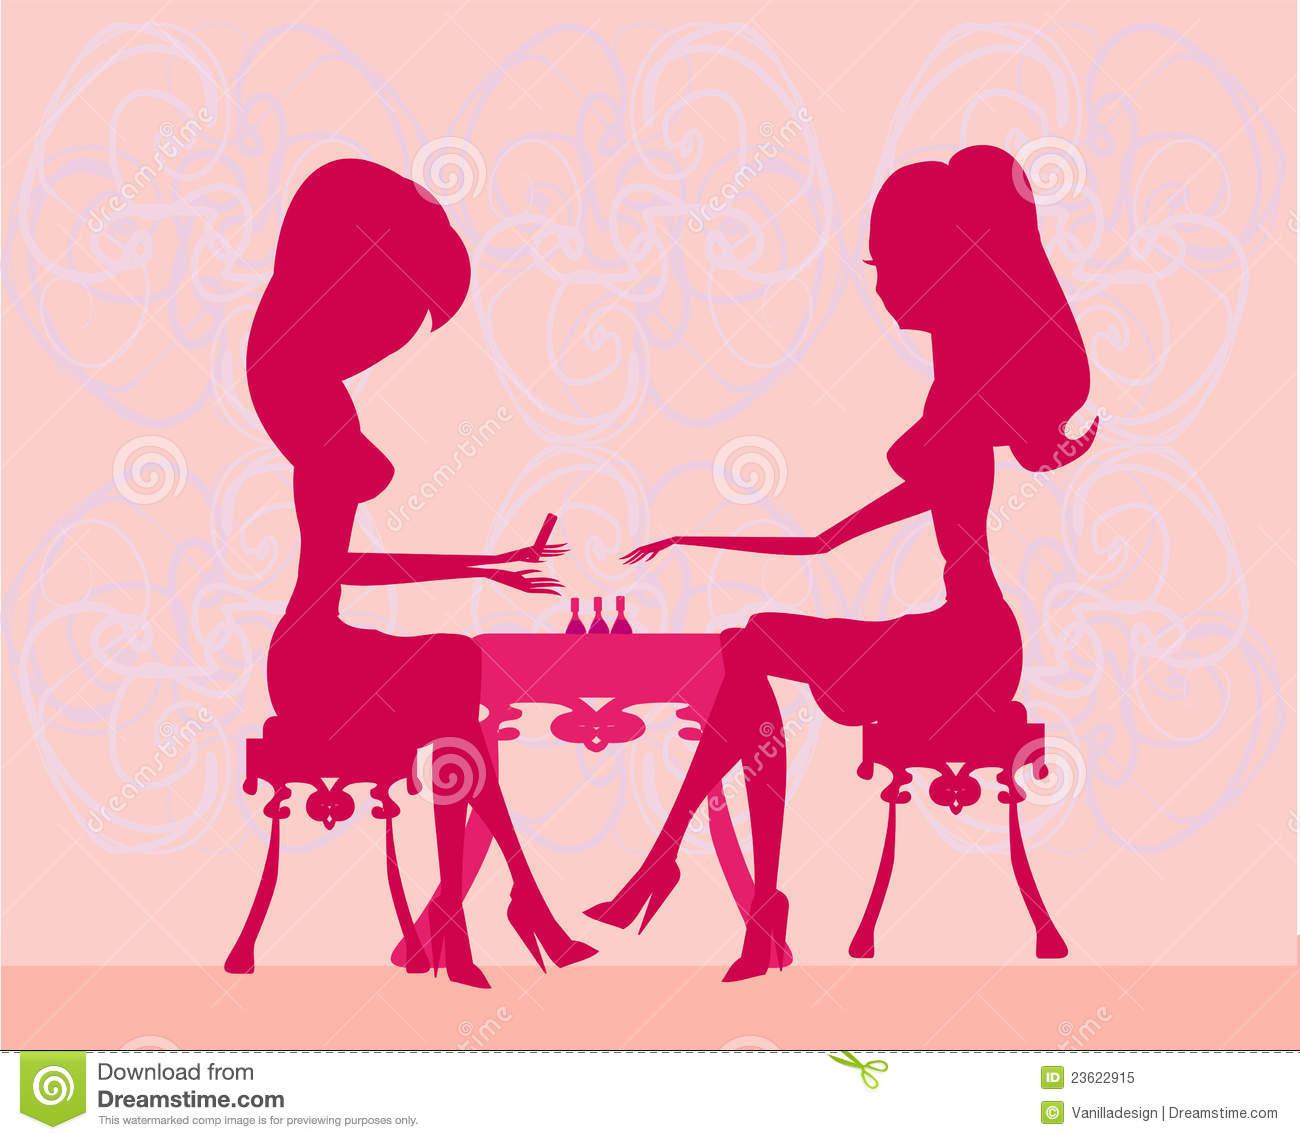 Beauty Salon Clip Art Women In A Beauty -Beauty Salon Clip Art Women In A Beauty Salon-7